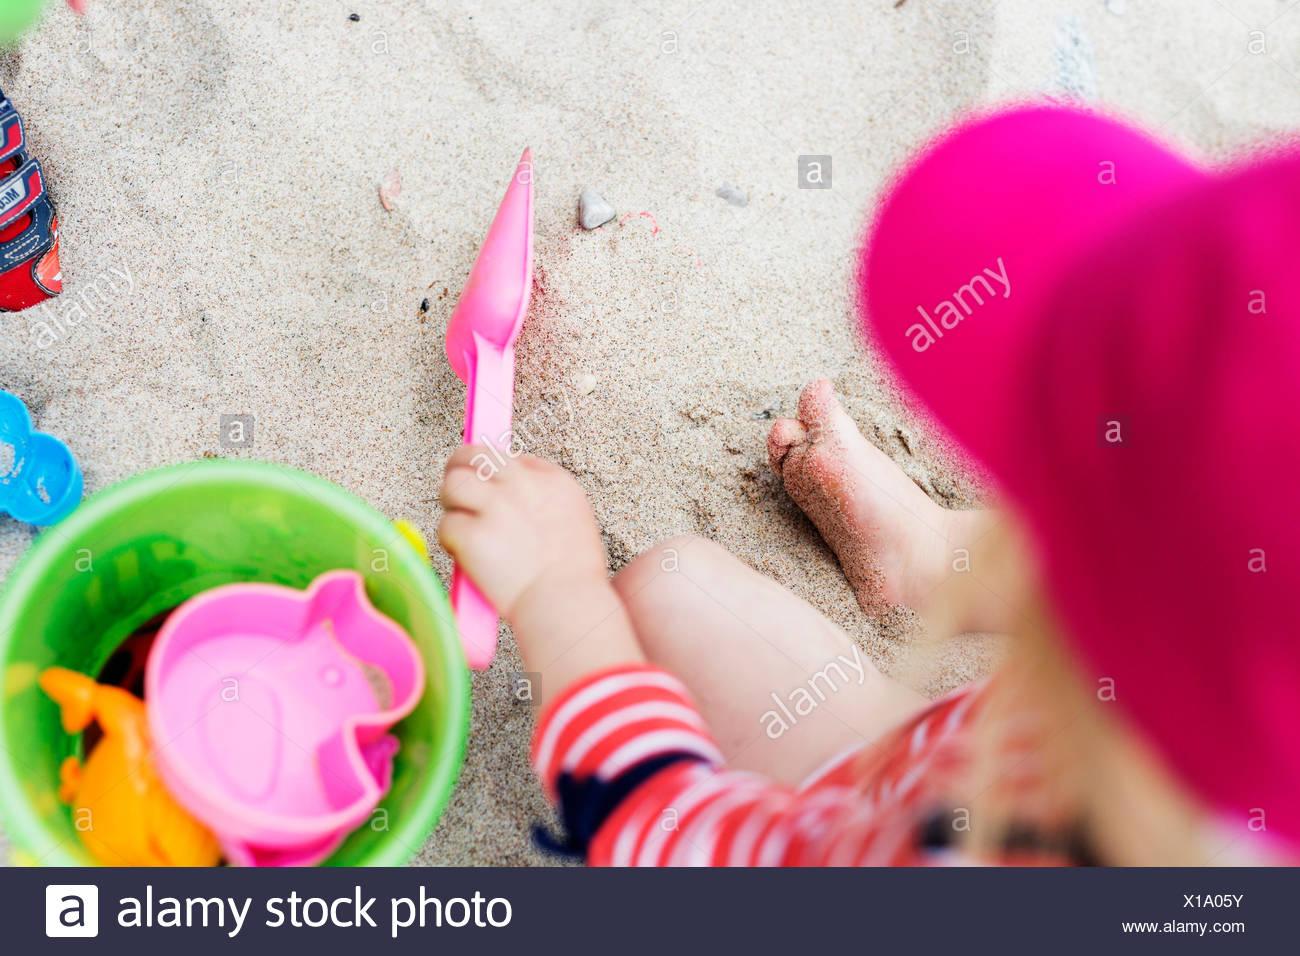 Un alto ángulo de vista de niña jugando con juguetes de arena en la playa Imagen De Stock